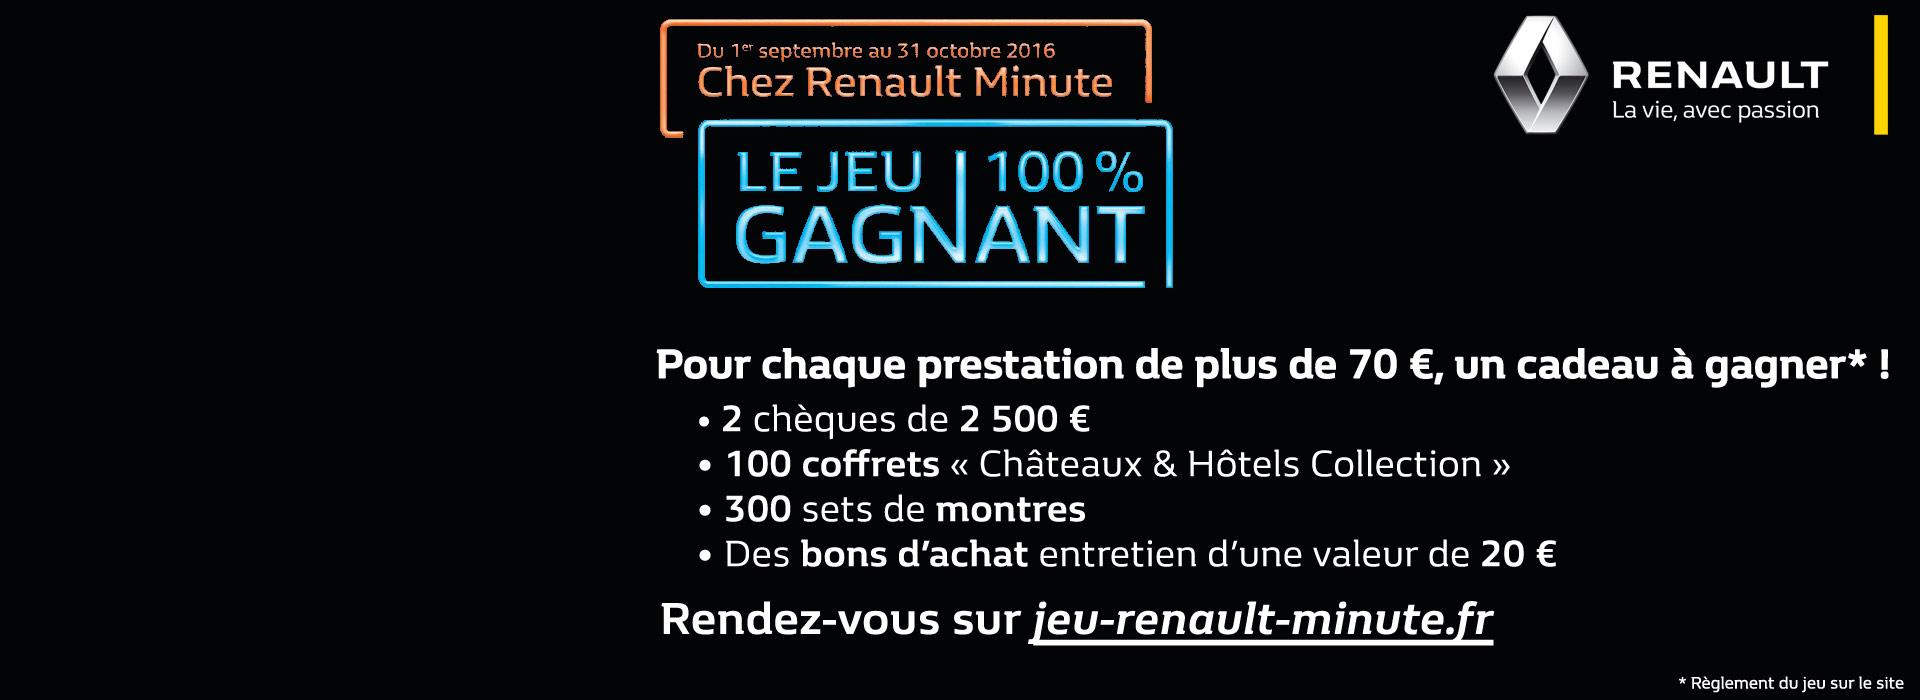 Jeu Renault Minute